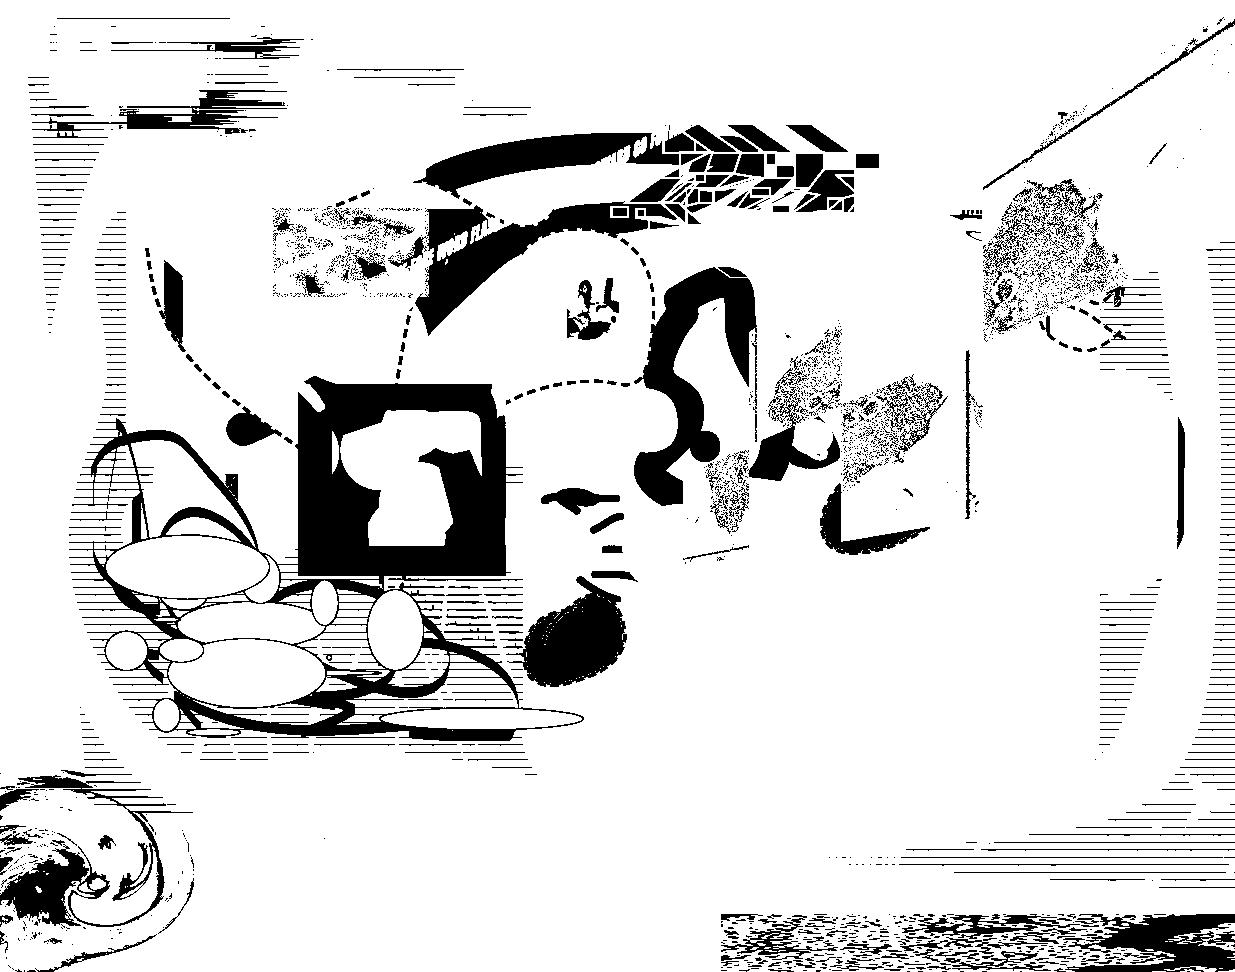 dh-01 lcopy copy.jpg